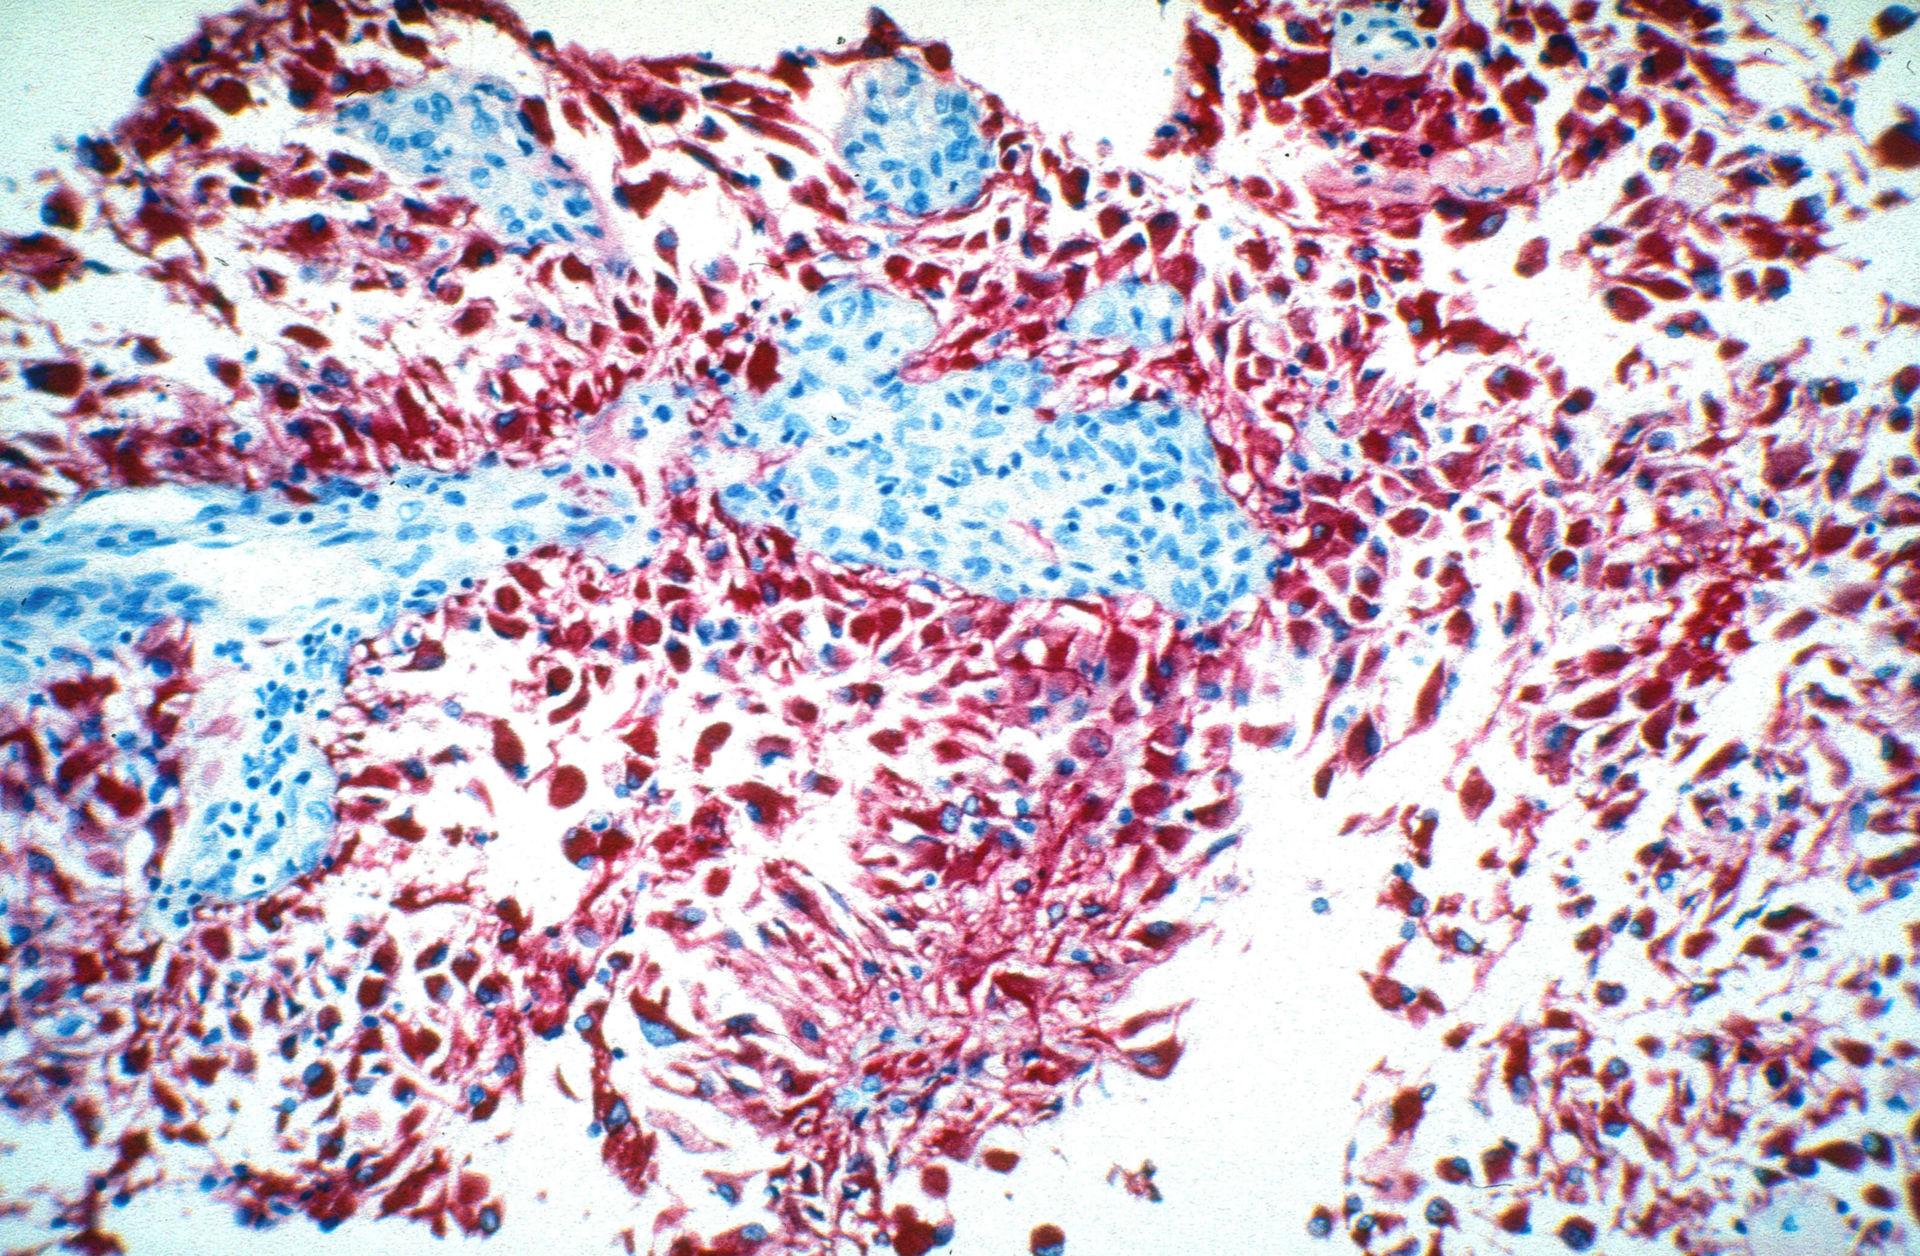 Glioblasti e astroblasti di un glioblastoma-astroblastoma di IV grado - GFAP